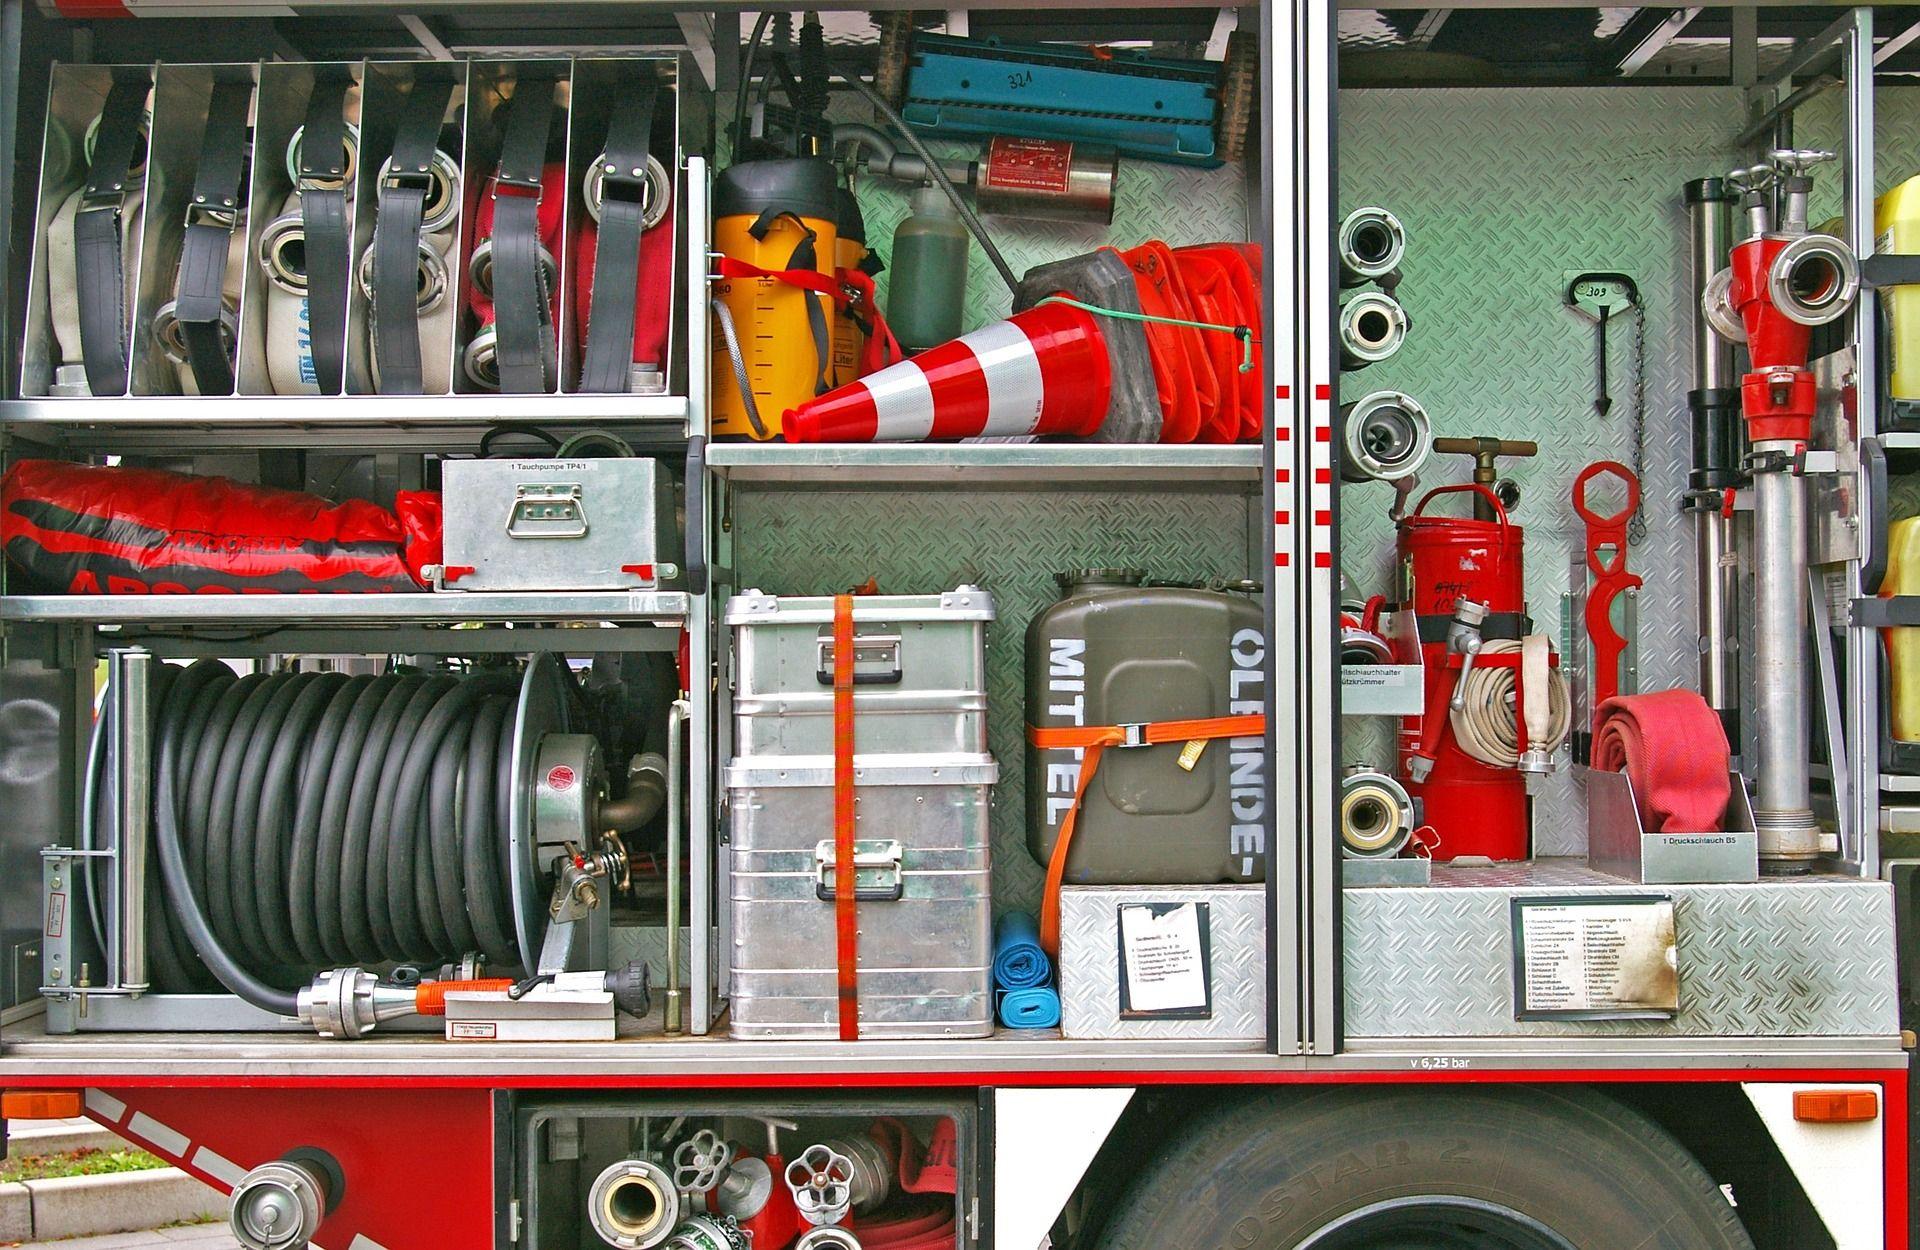 fire-1006924_1920.jpg